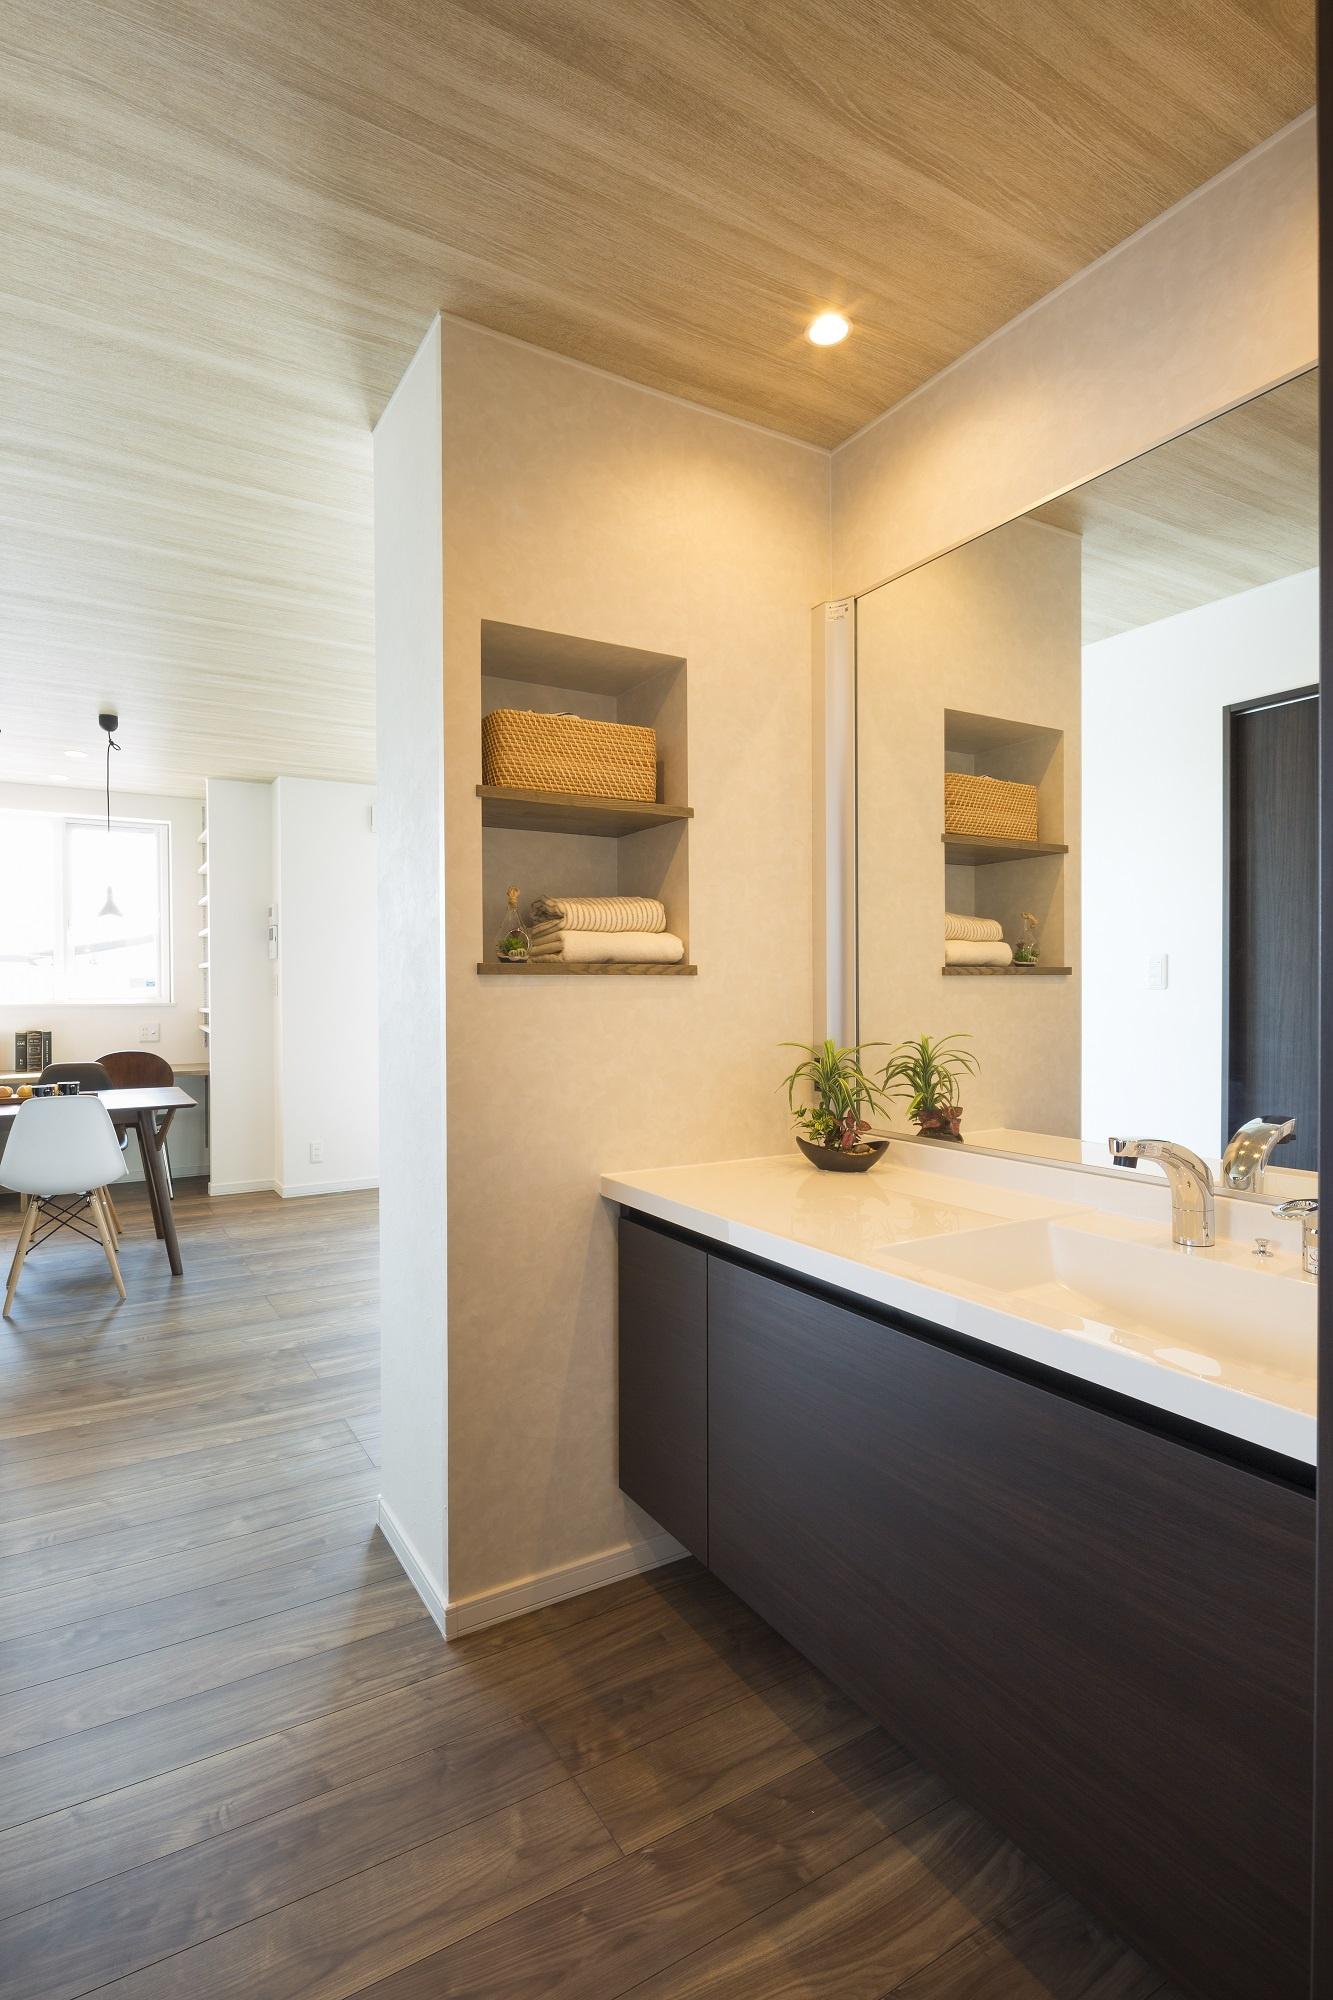 ご主人の希望で洗面とUTを別々に配置。洗面は外出時の身だしなみチェックもしやすい、階段近くの廊下に設けています